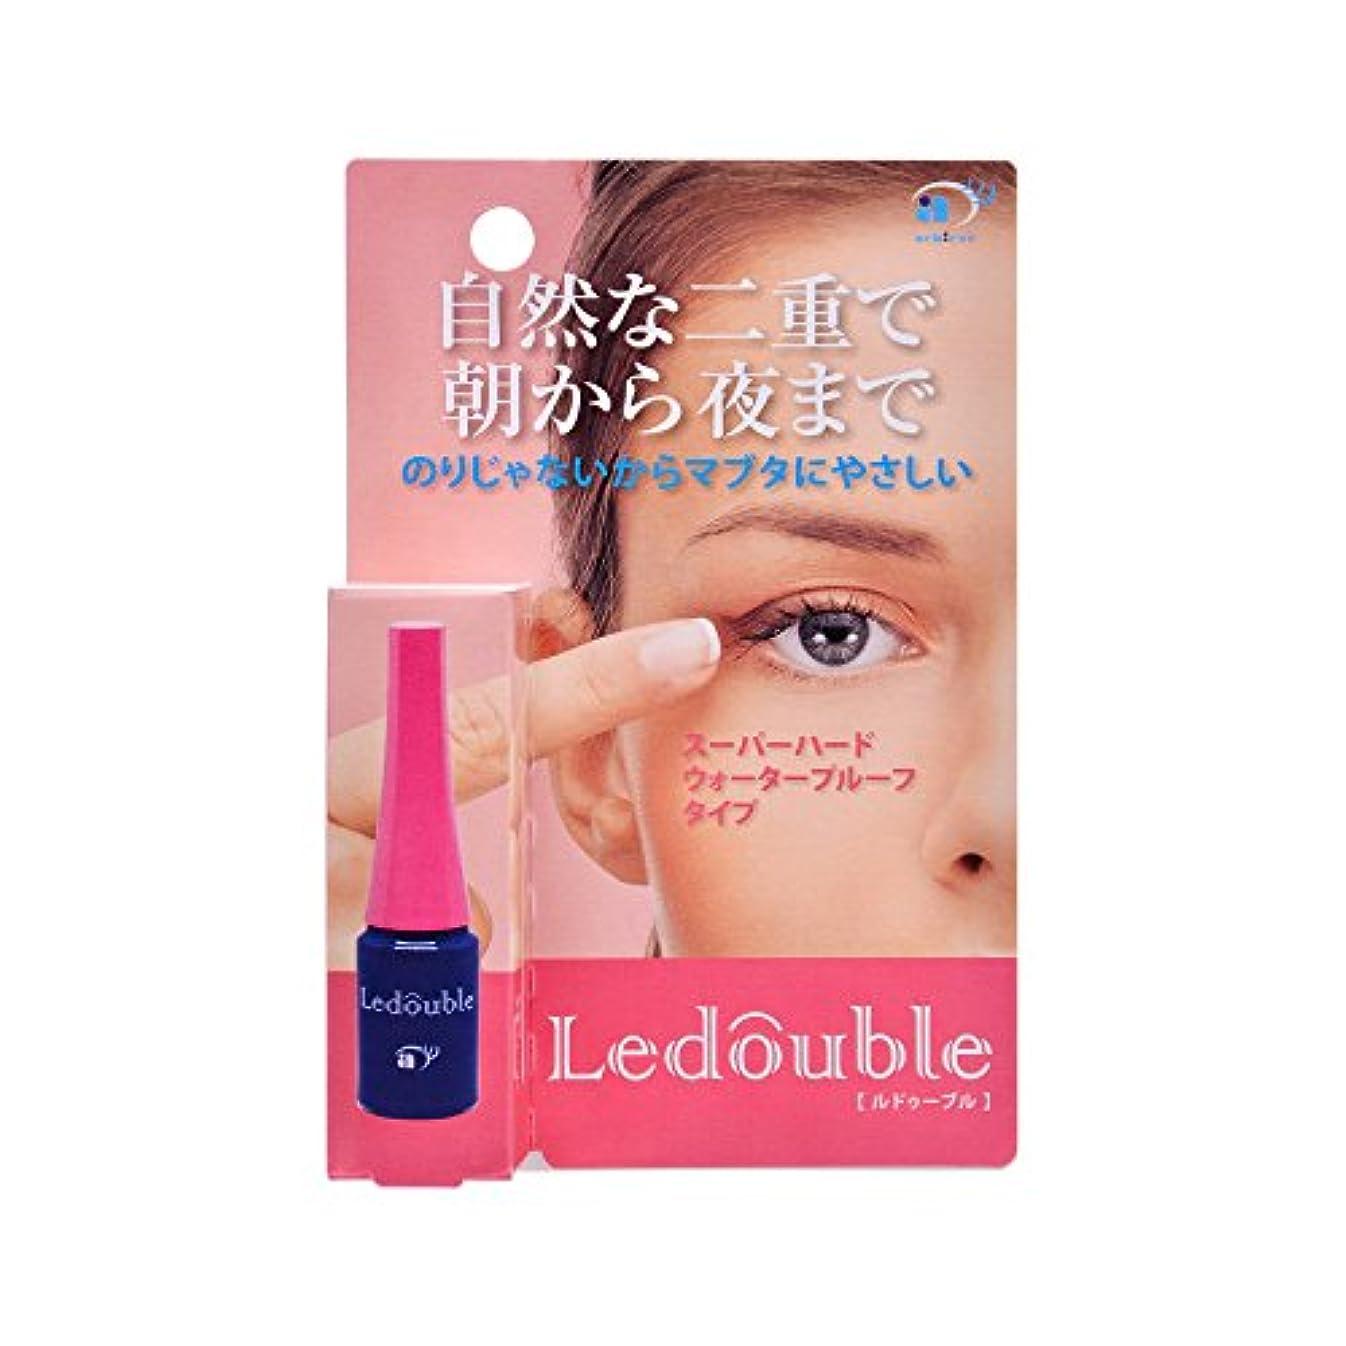 海岸である消毒するLedouble [ルドゥーブル] 二重まぶた化粧品 (2mL)